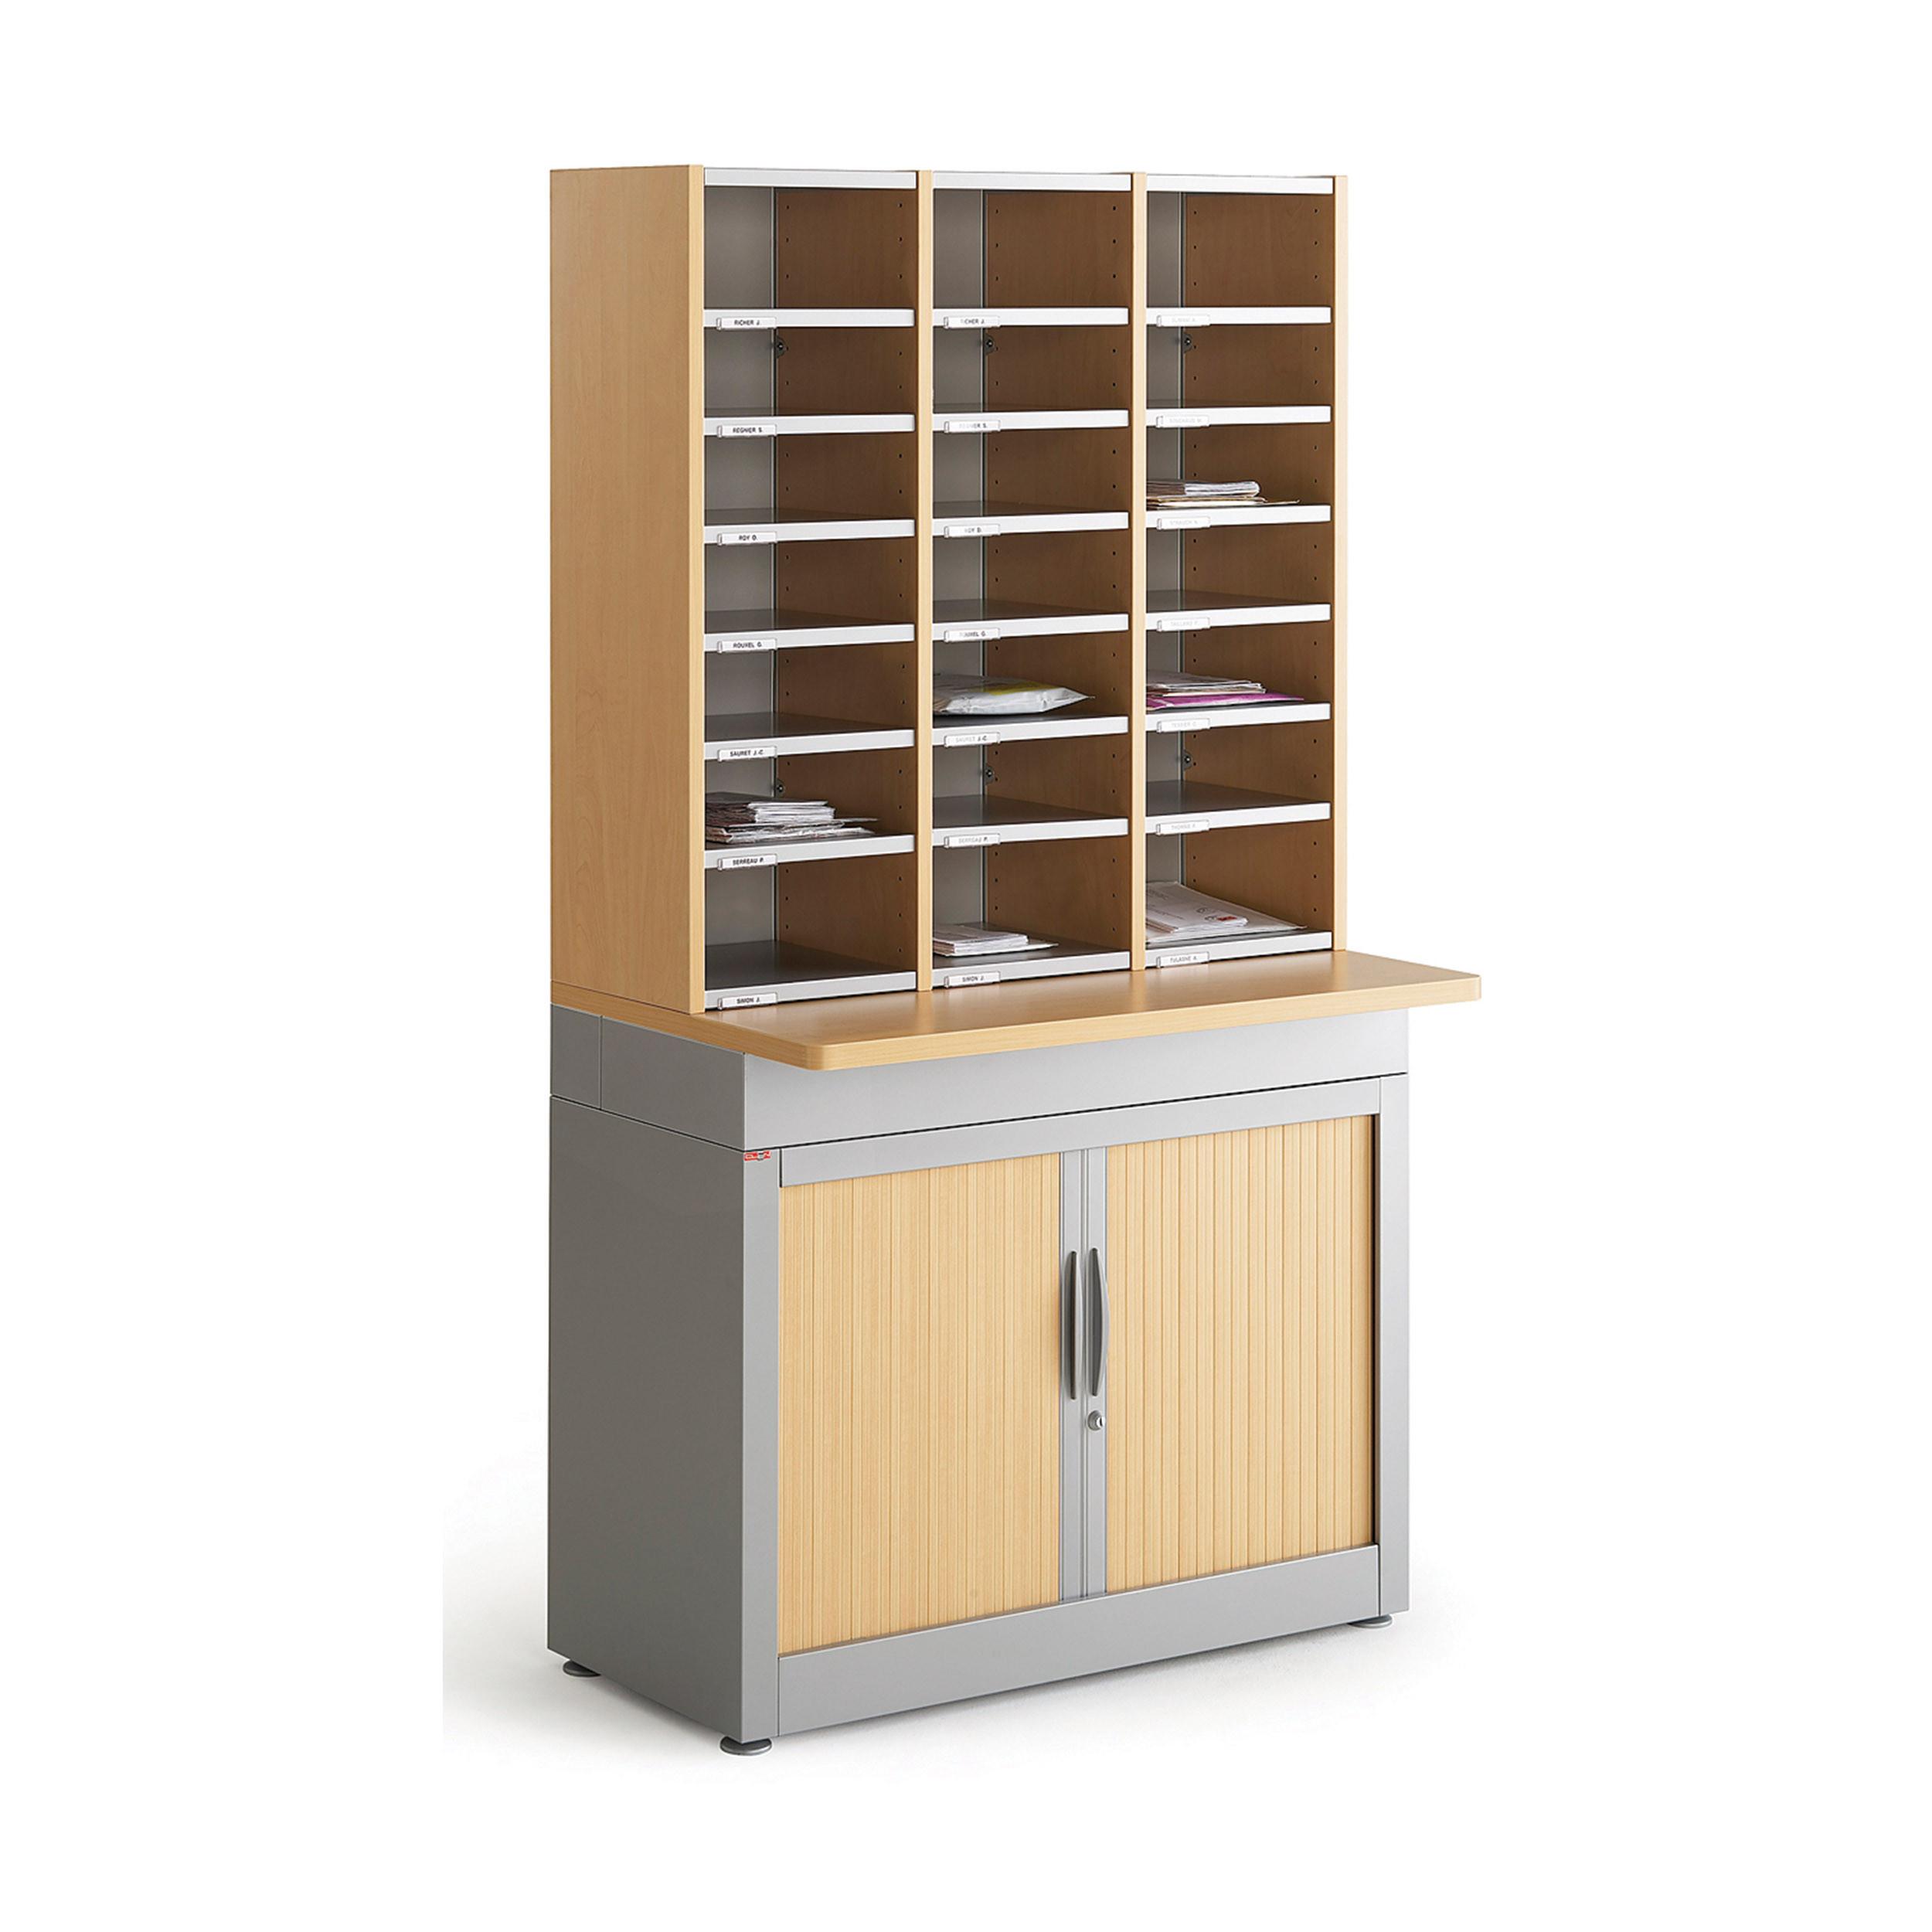 Trimod Mailroom Furniture